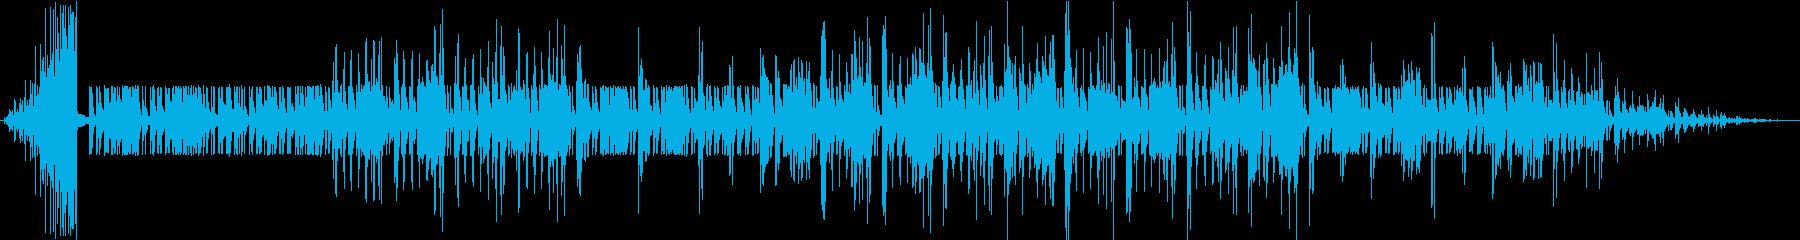 チャランゴの合奏の再生済みの波形